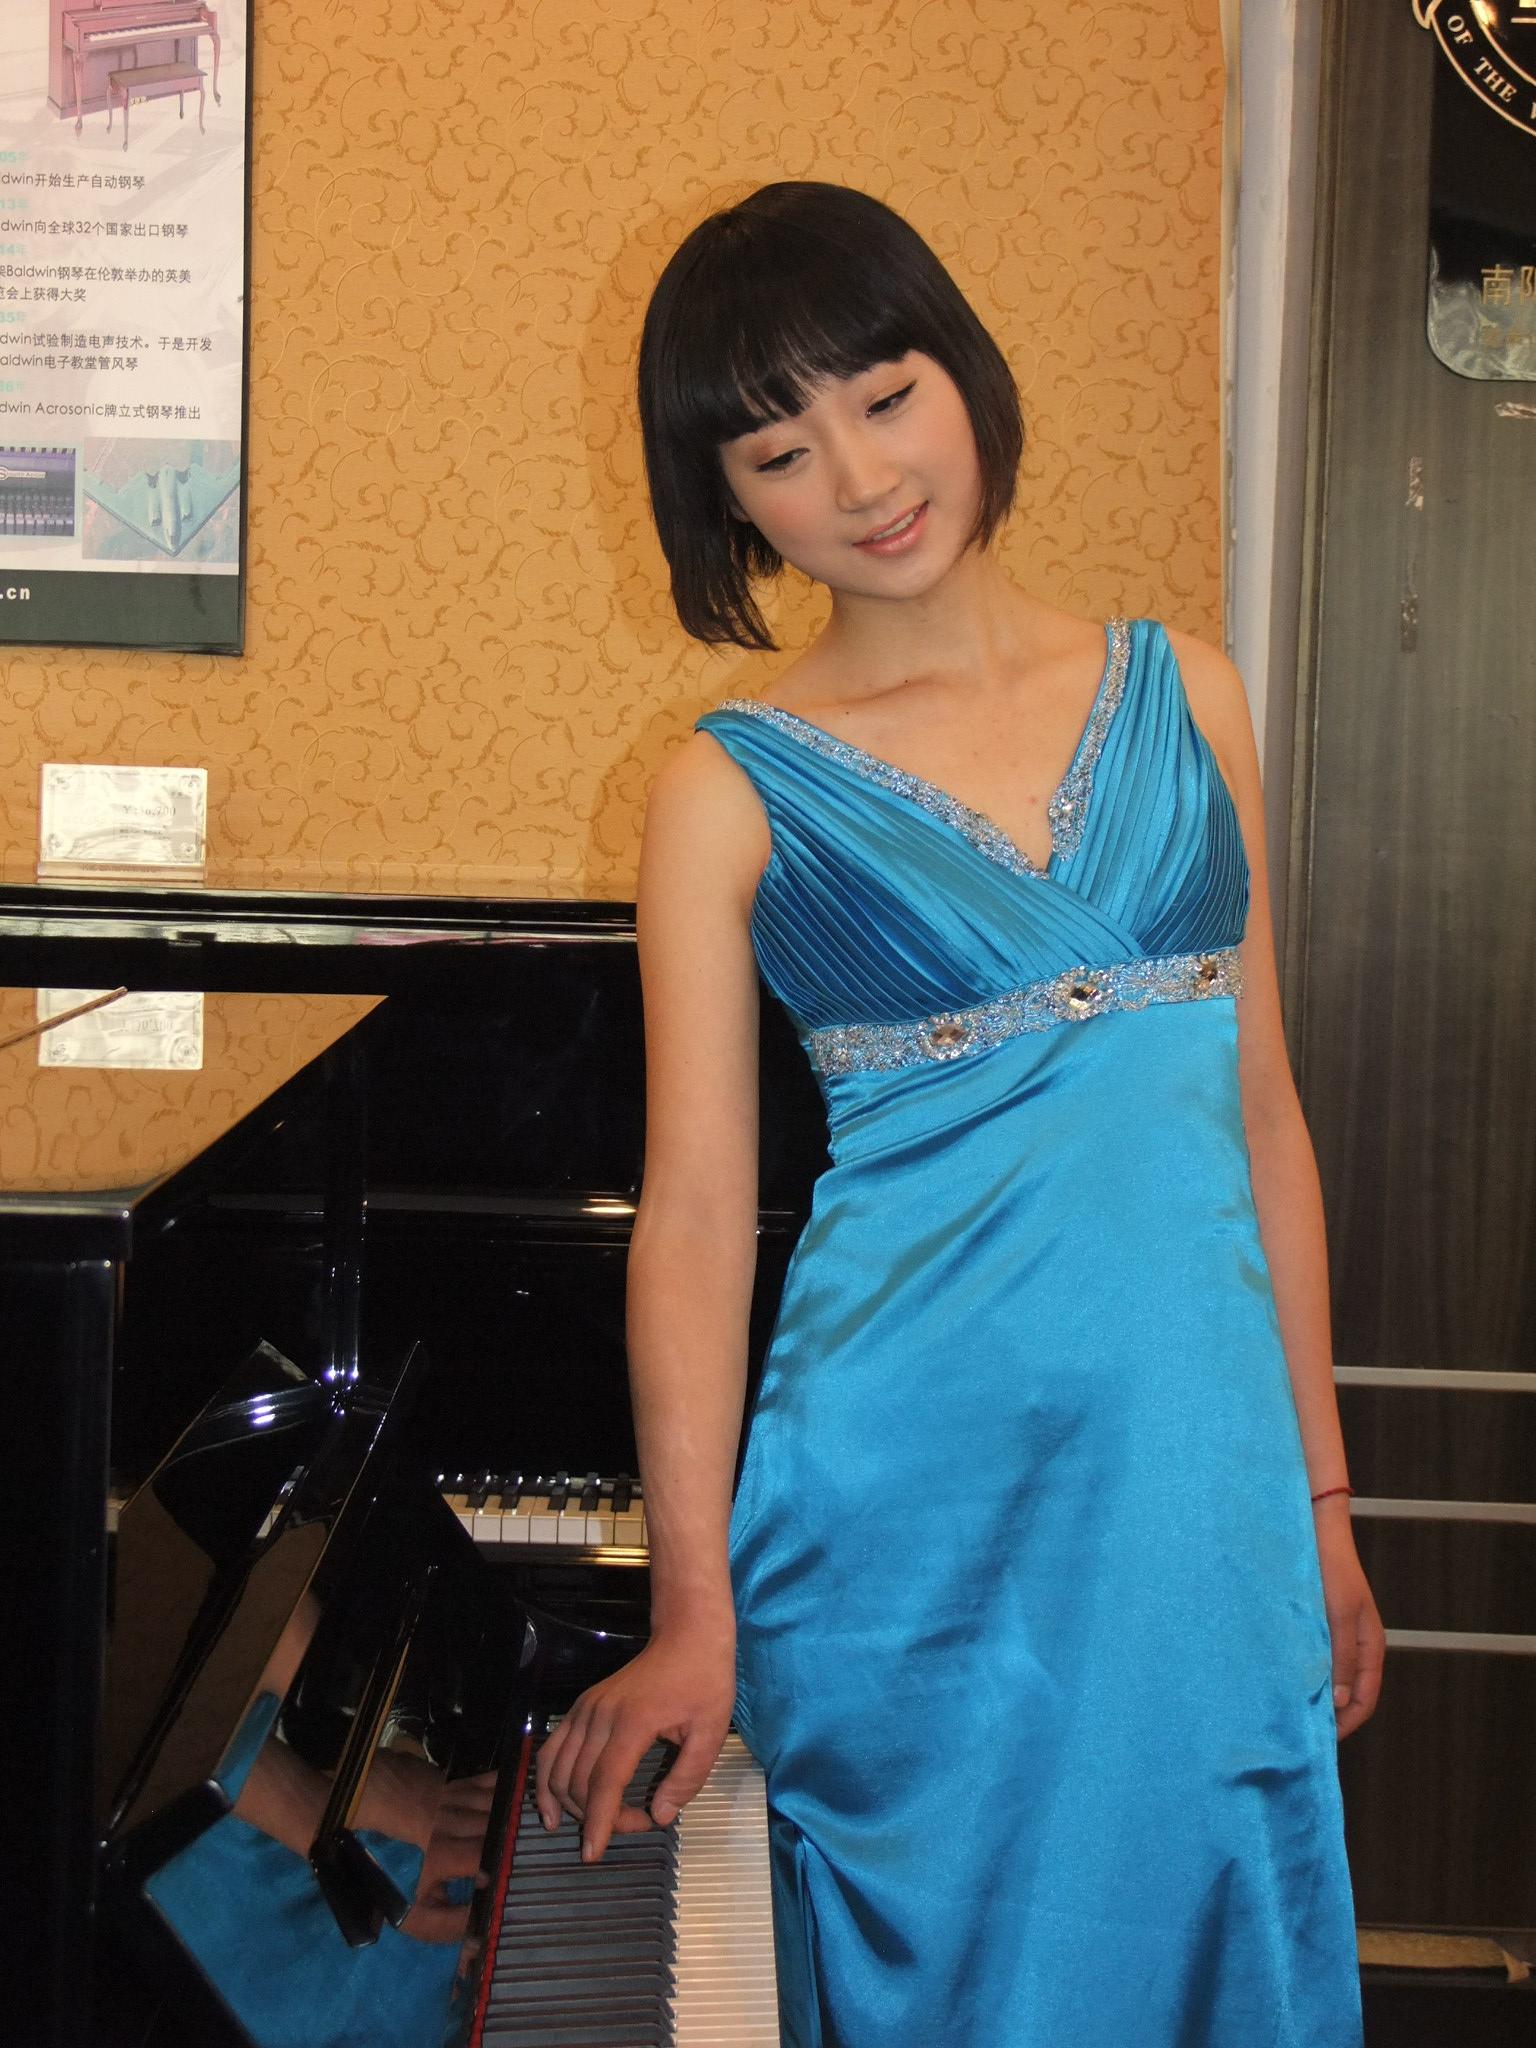 re: 美女弹钢琴